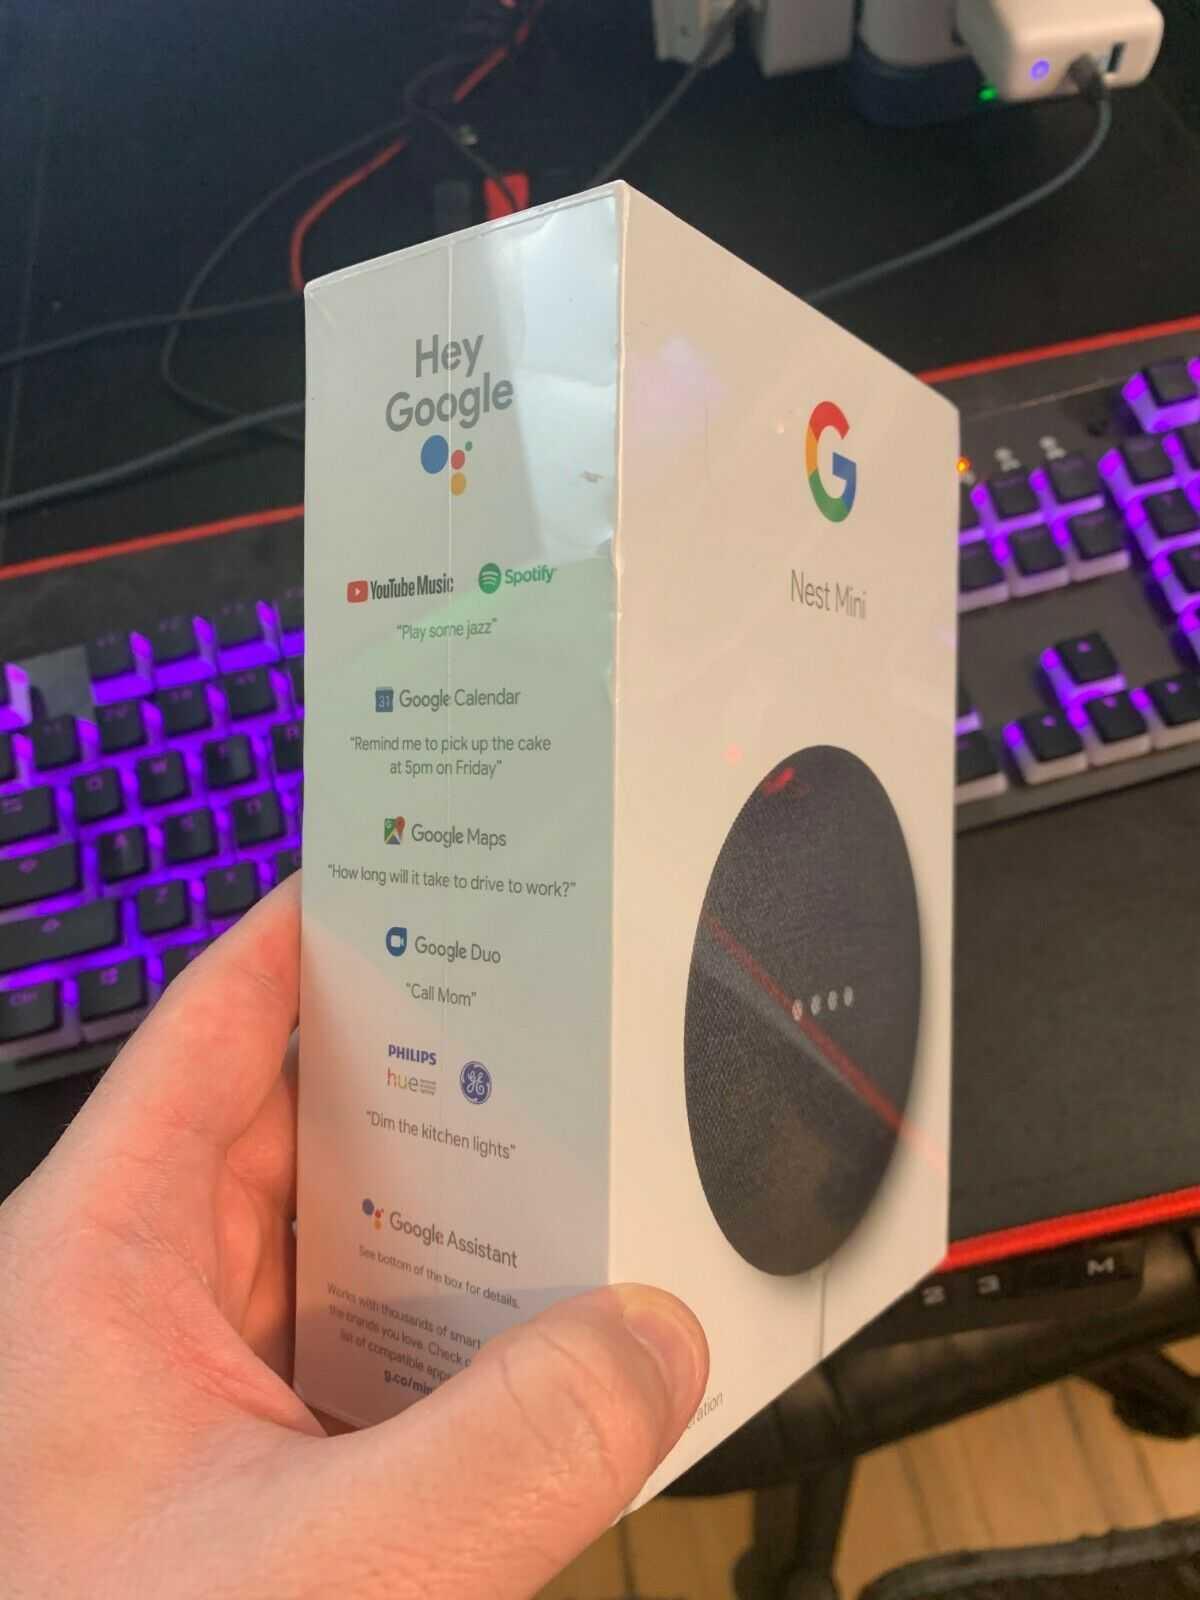 Перед самым стартом официальной премьеры в сеть попали подробные характеристики одной из лучших портативных колонок текущего года – Google Nest Mini Напомним что